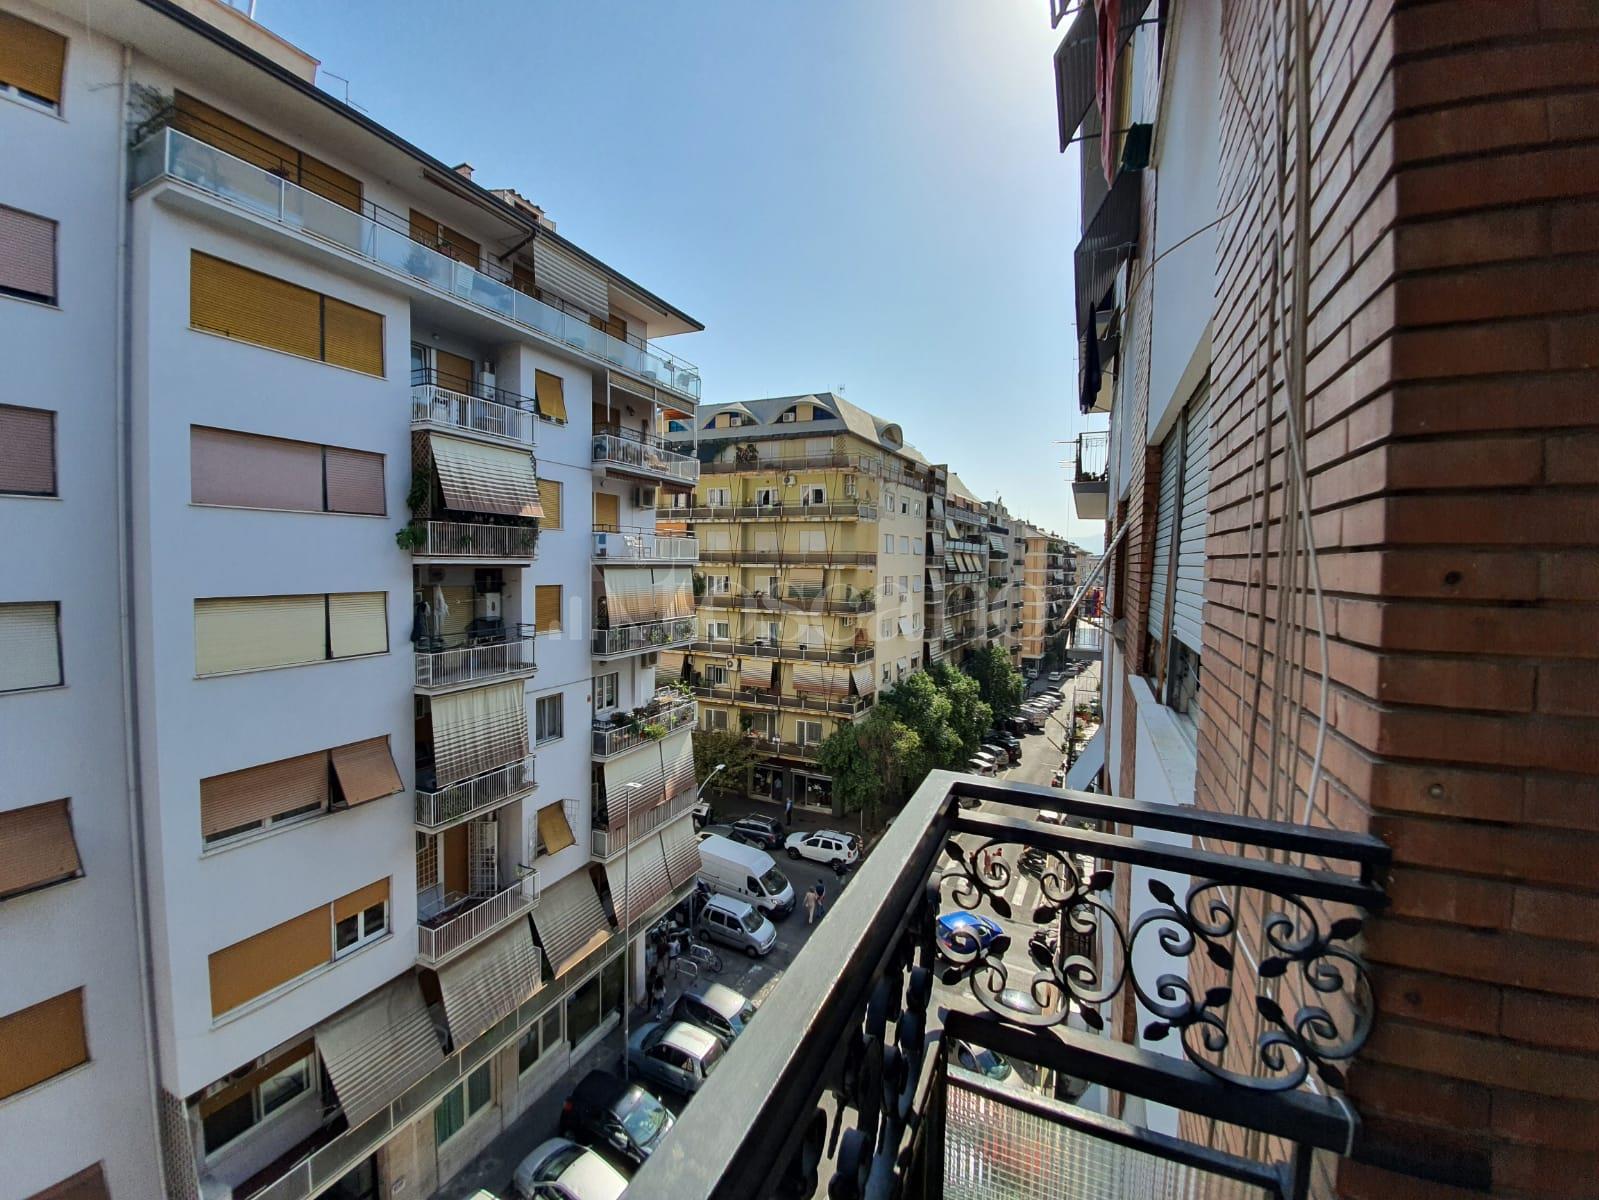 vendita Casa a Roma in Ad. Caffarella, Appia Nuova 36/2020 ...